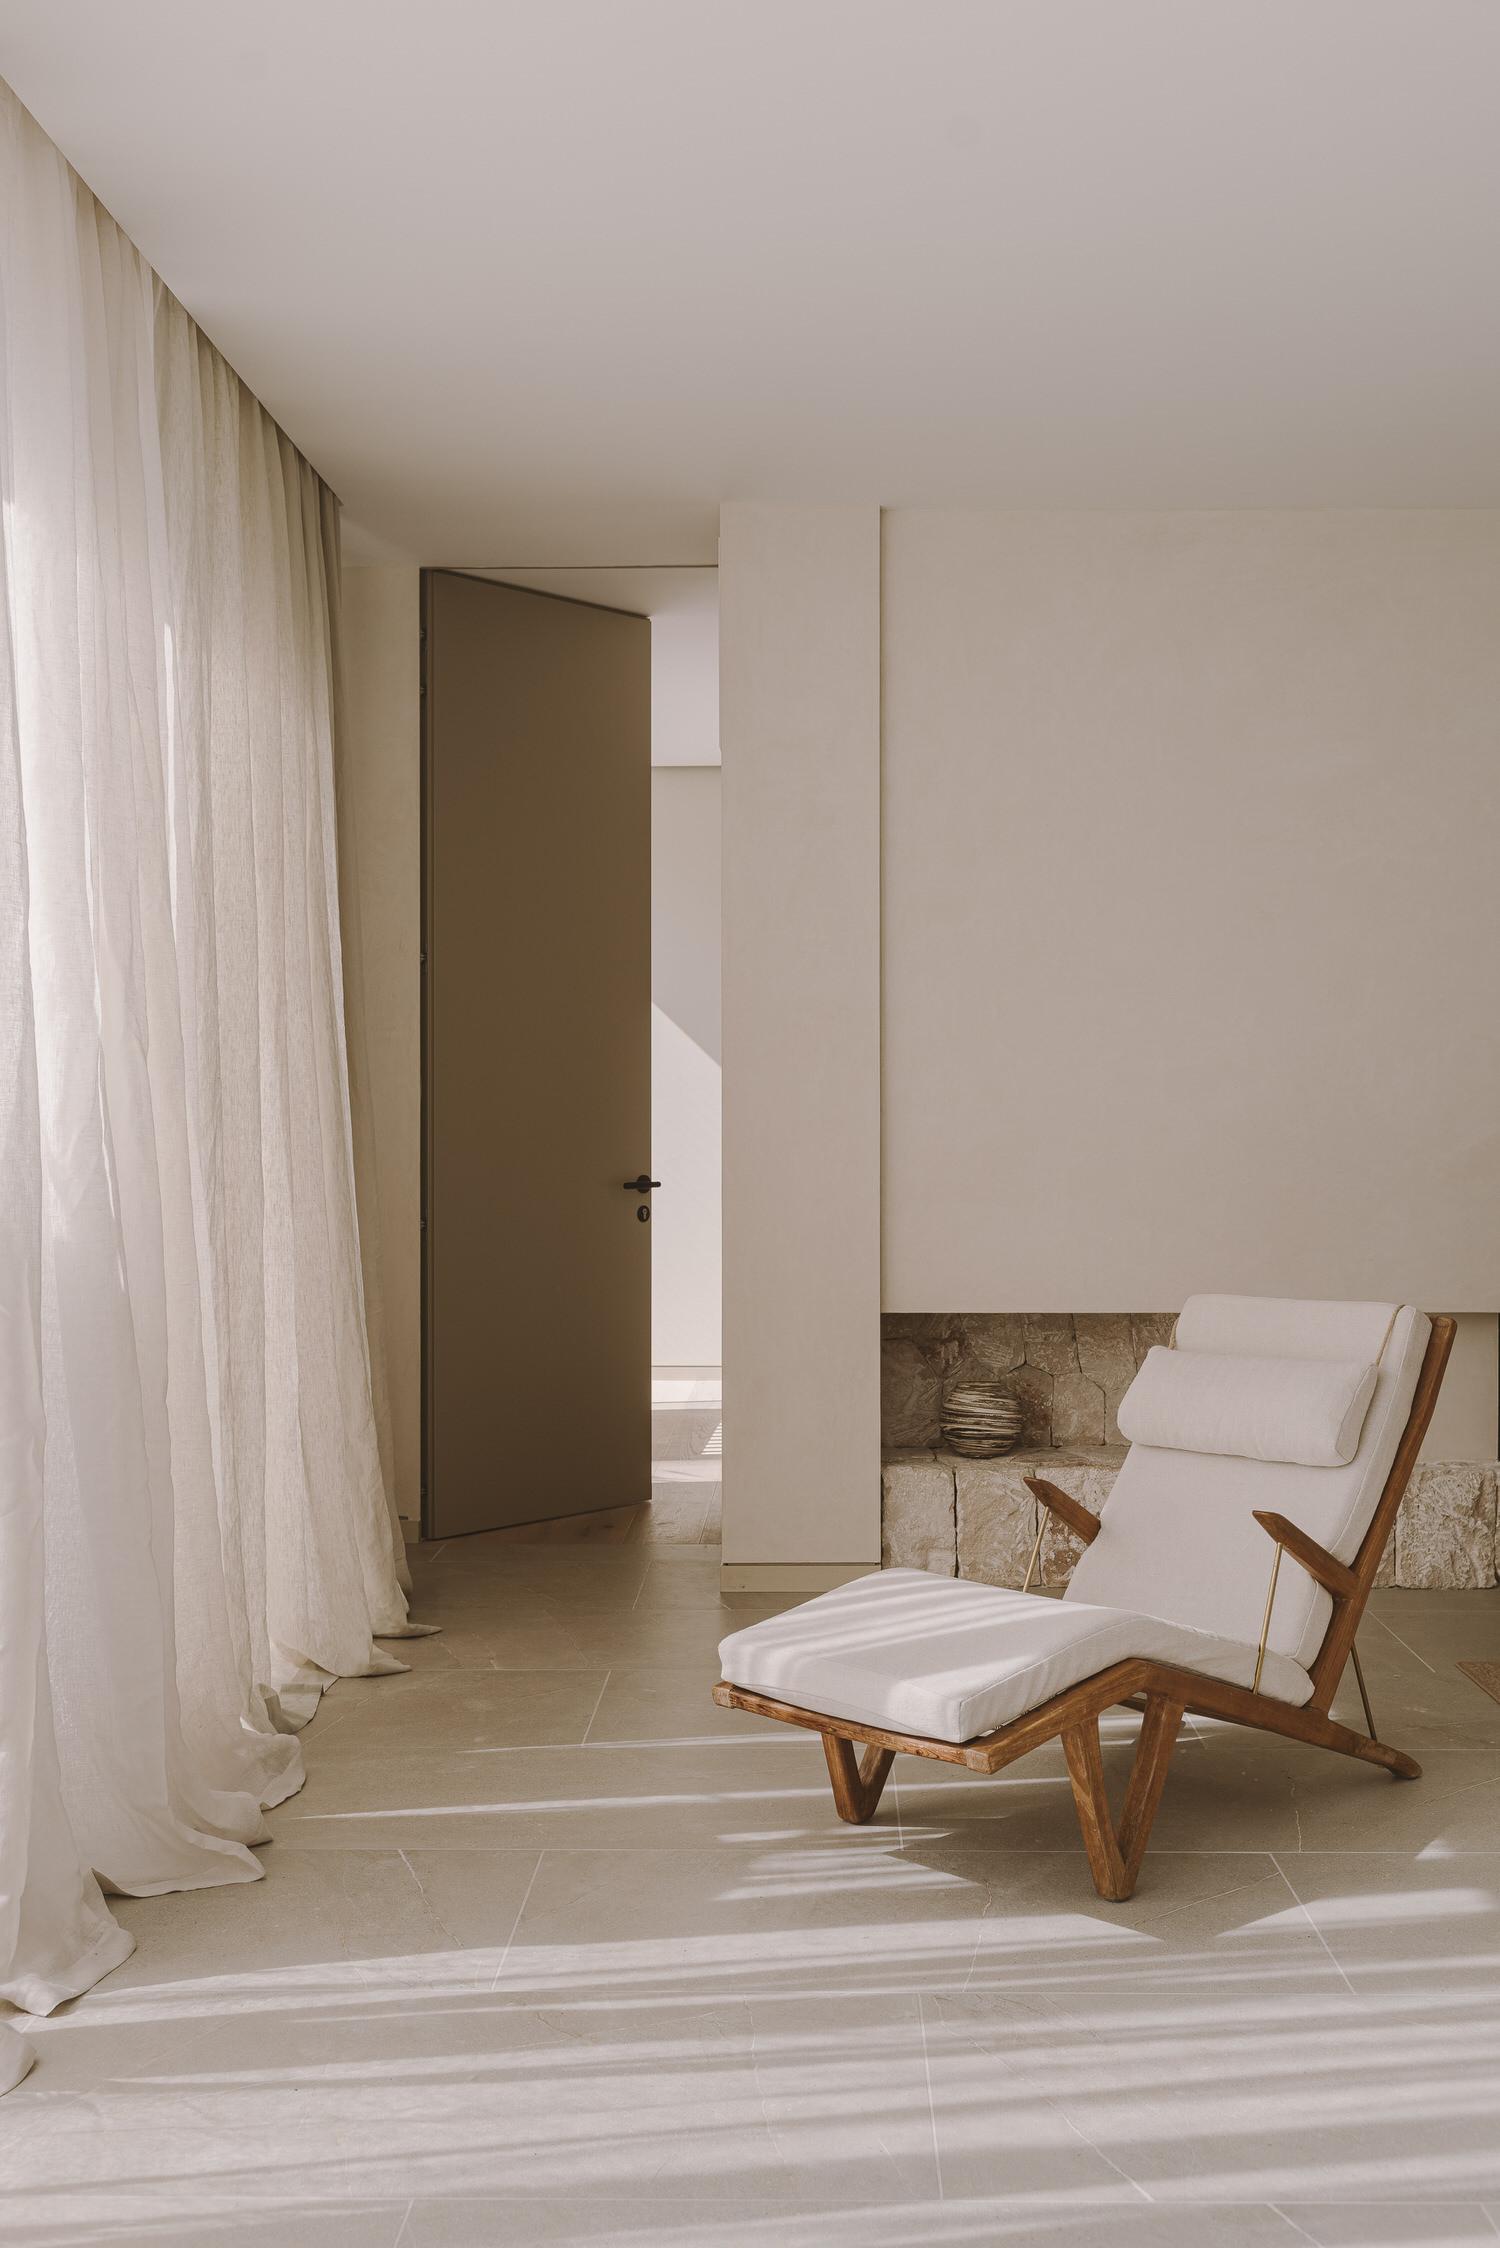 Paradowski Studio Pdm House Majorca Photo Pion Studio Yellowtrace 36